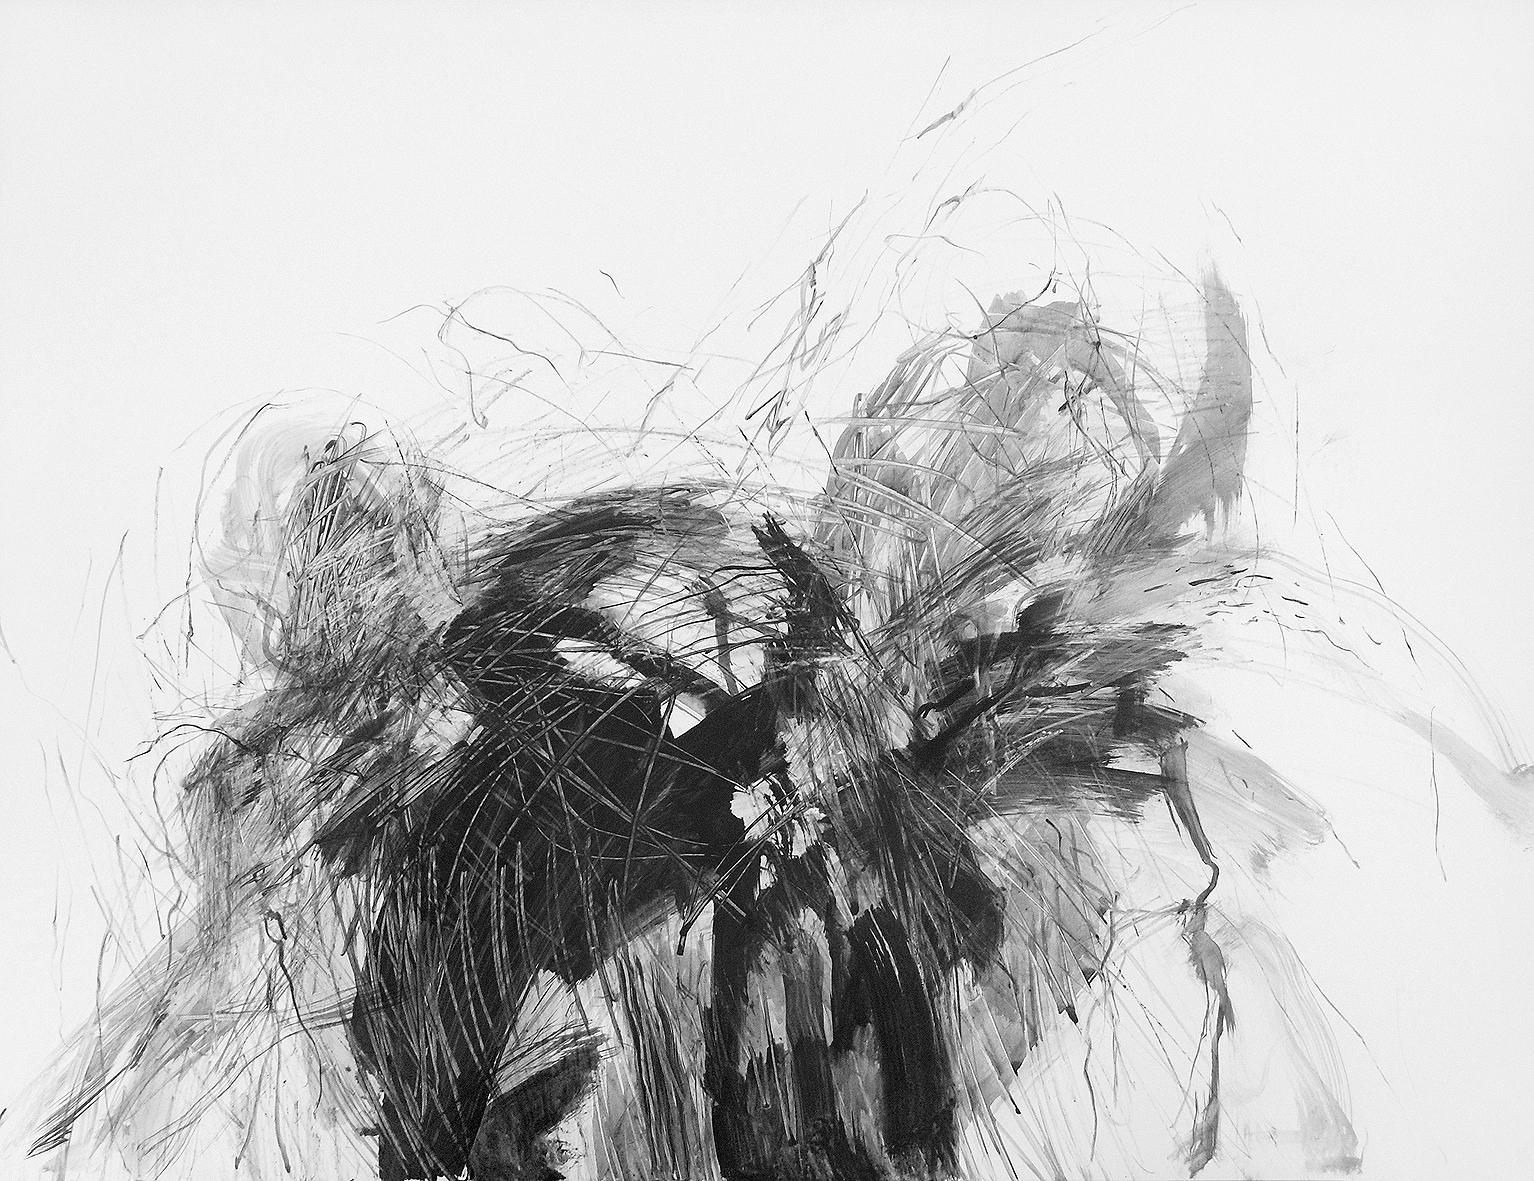 50 x 60 cm, schwarze tusche/karton